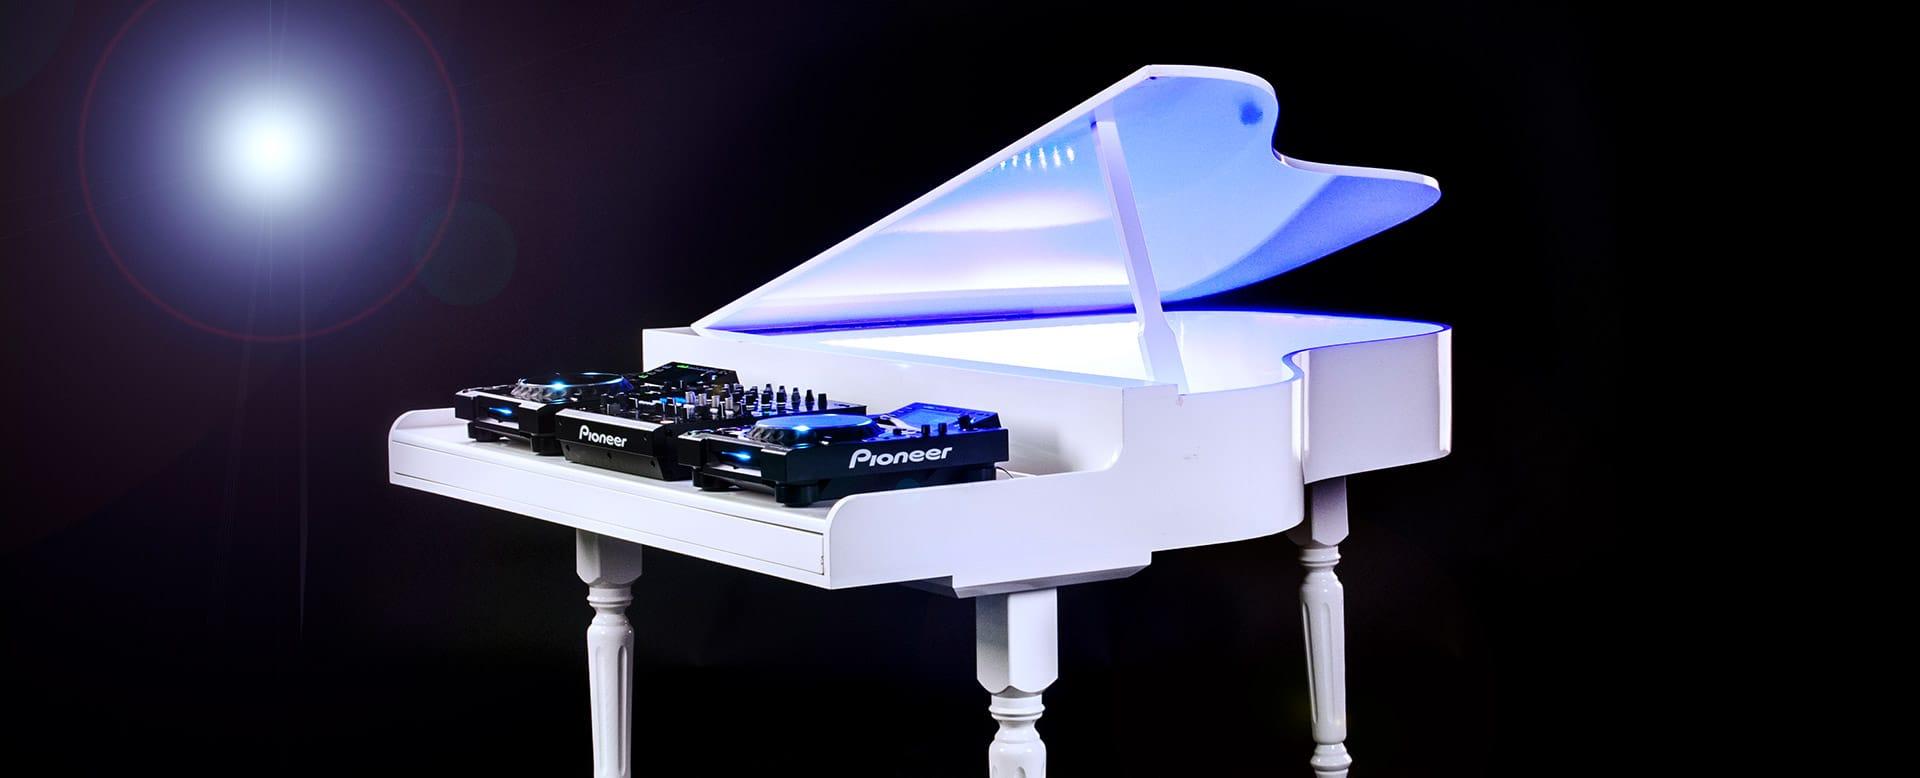 De piano dj booth habbevents for Www home piani foto